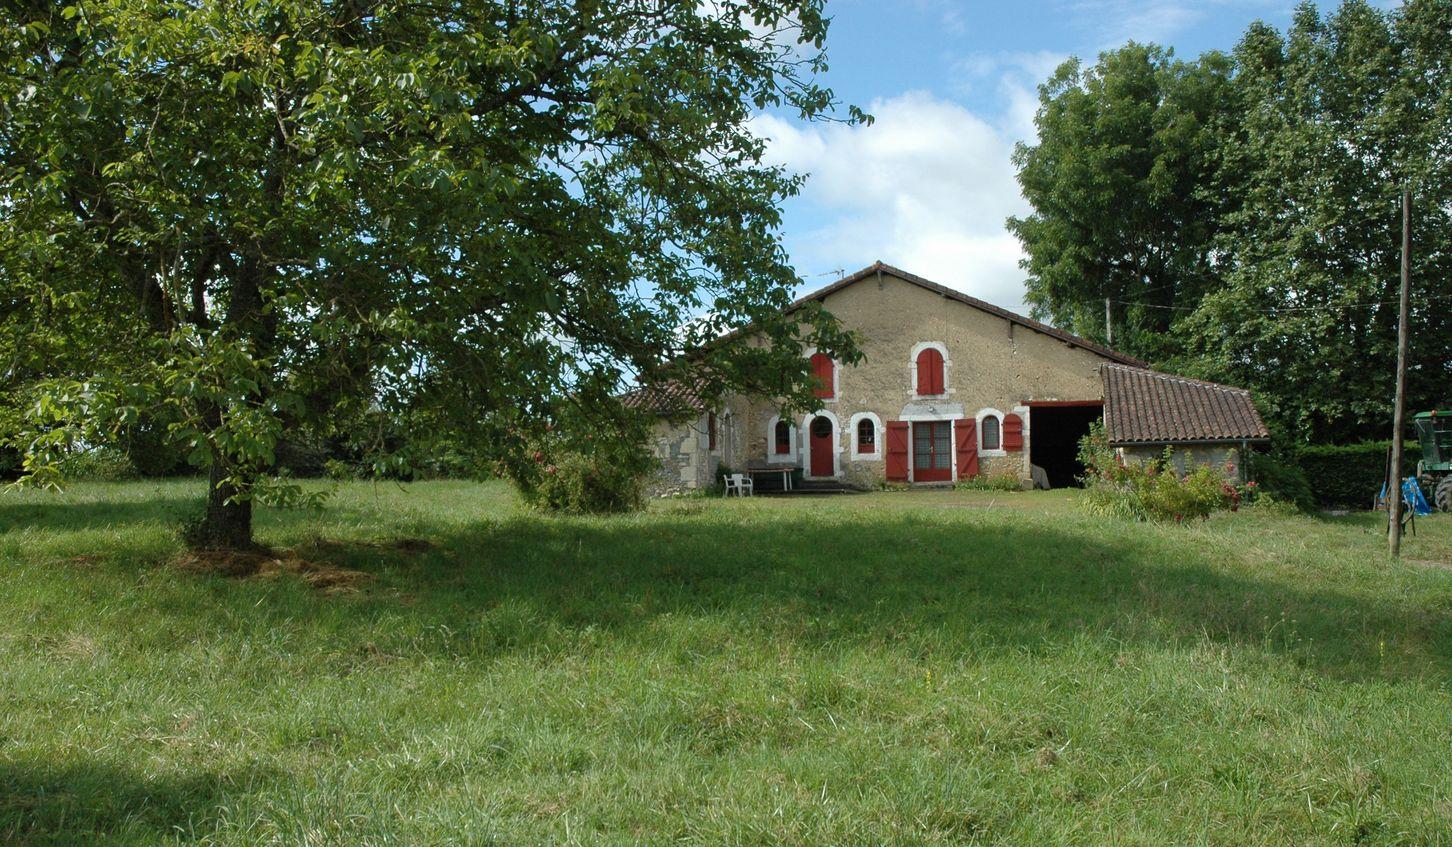 Maison landaise, basse avec un toit à longues pentes et des volets rouges.